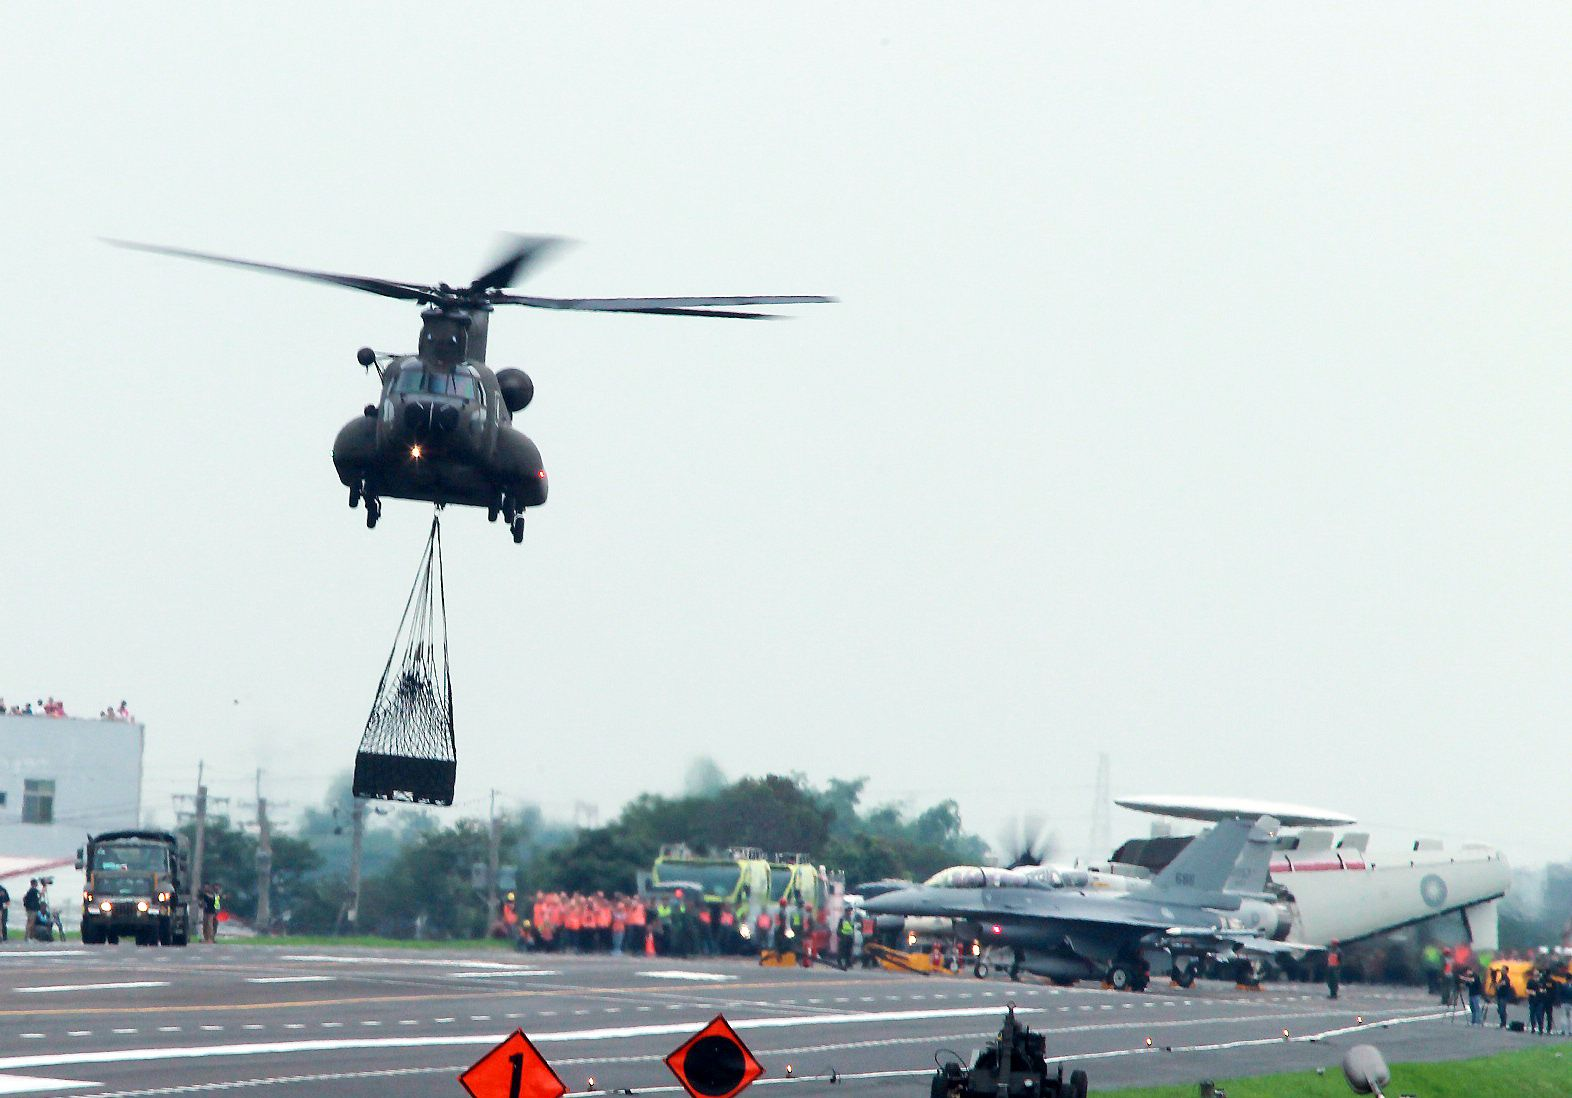 陸航CH-47SD直升機支援航材運補。(記者邱榮吉/彰化花壇拍攝)